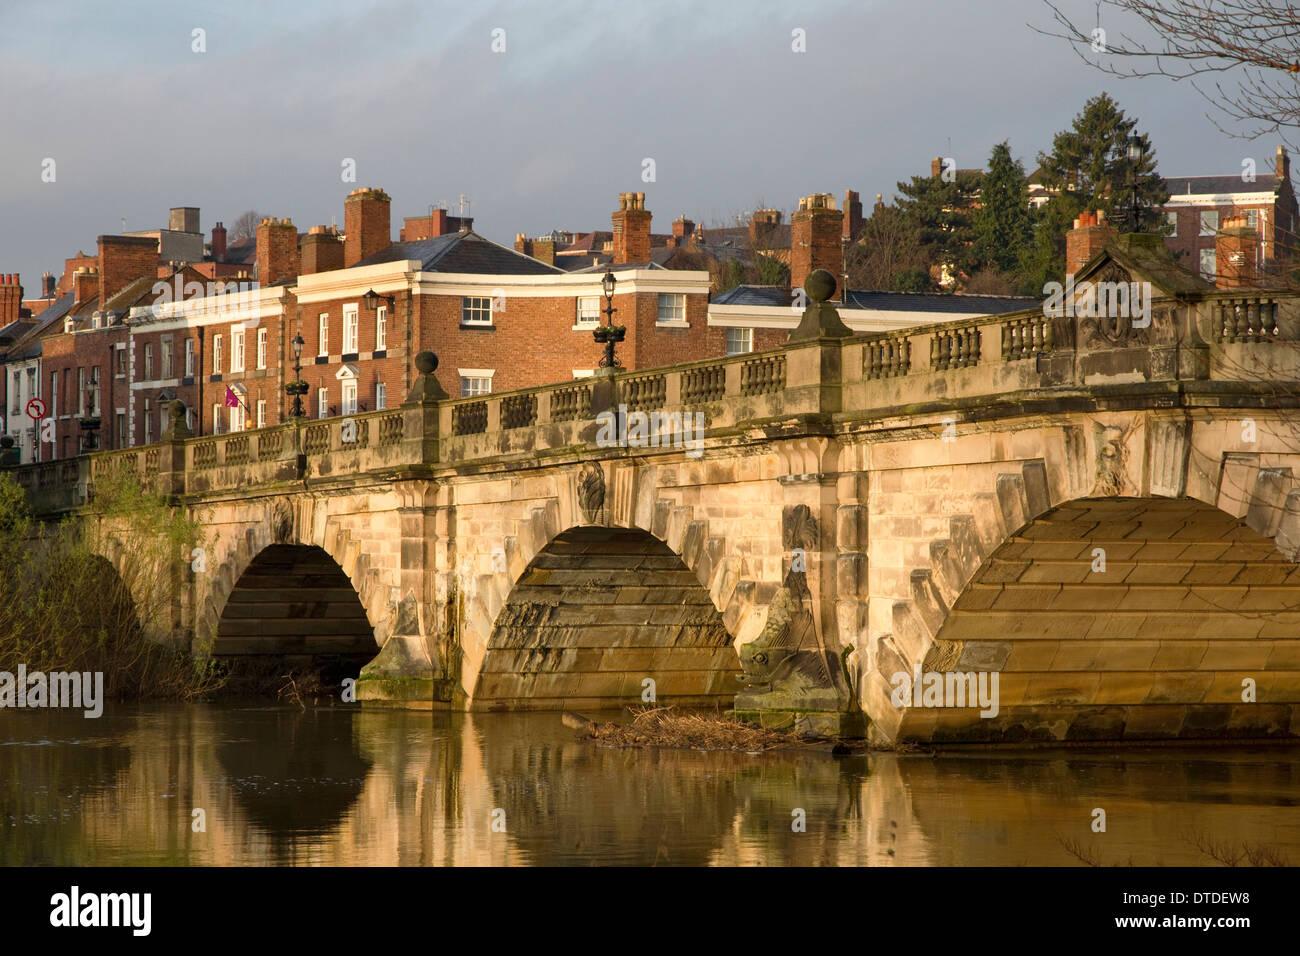 English Bridge over River Severn, Shrewsbury, Shropshire, England, UK - Stock Image